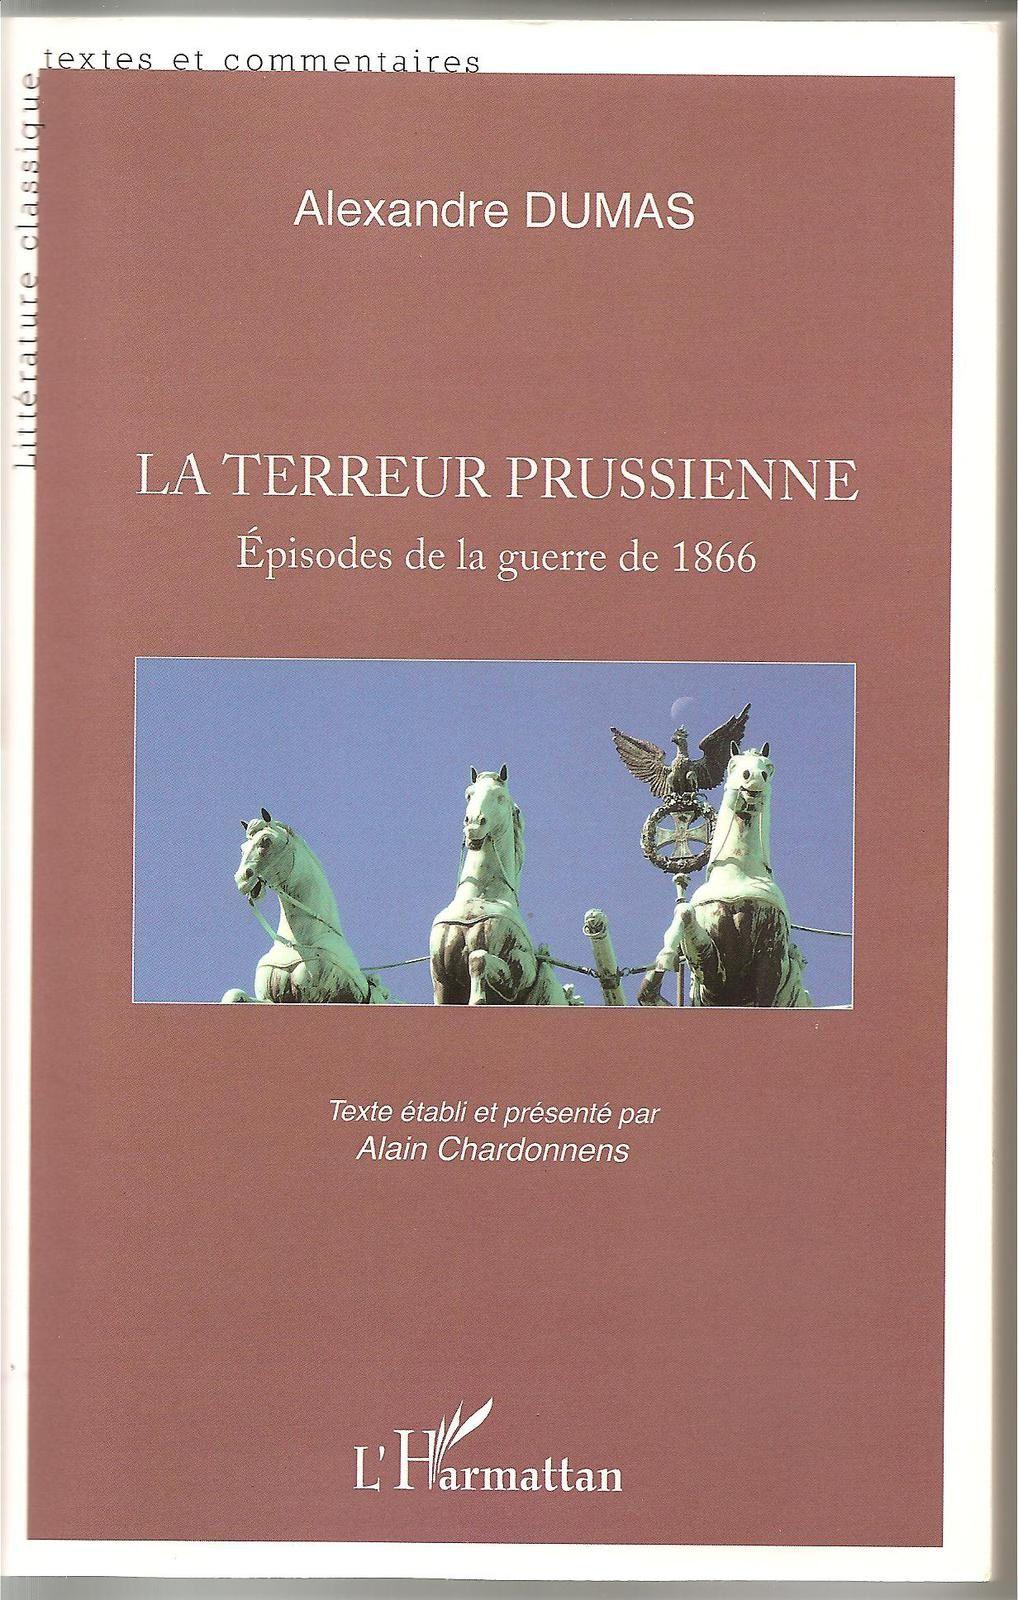 couverture du livre de Dumas édition de novembre 2012